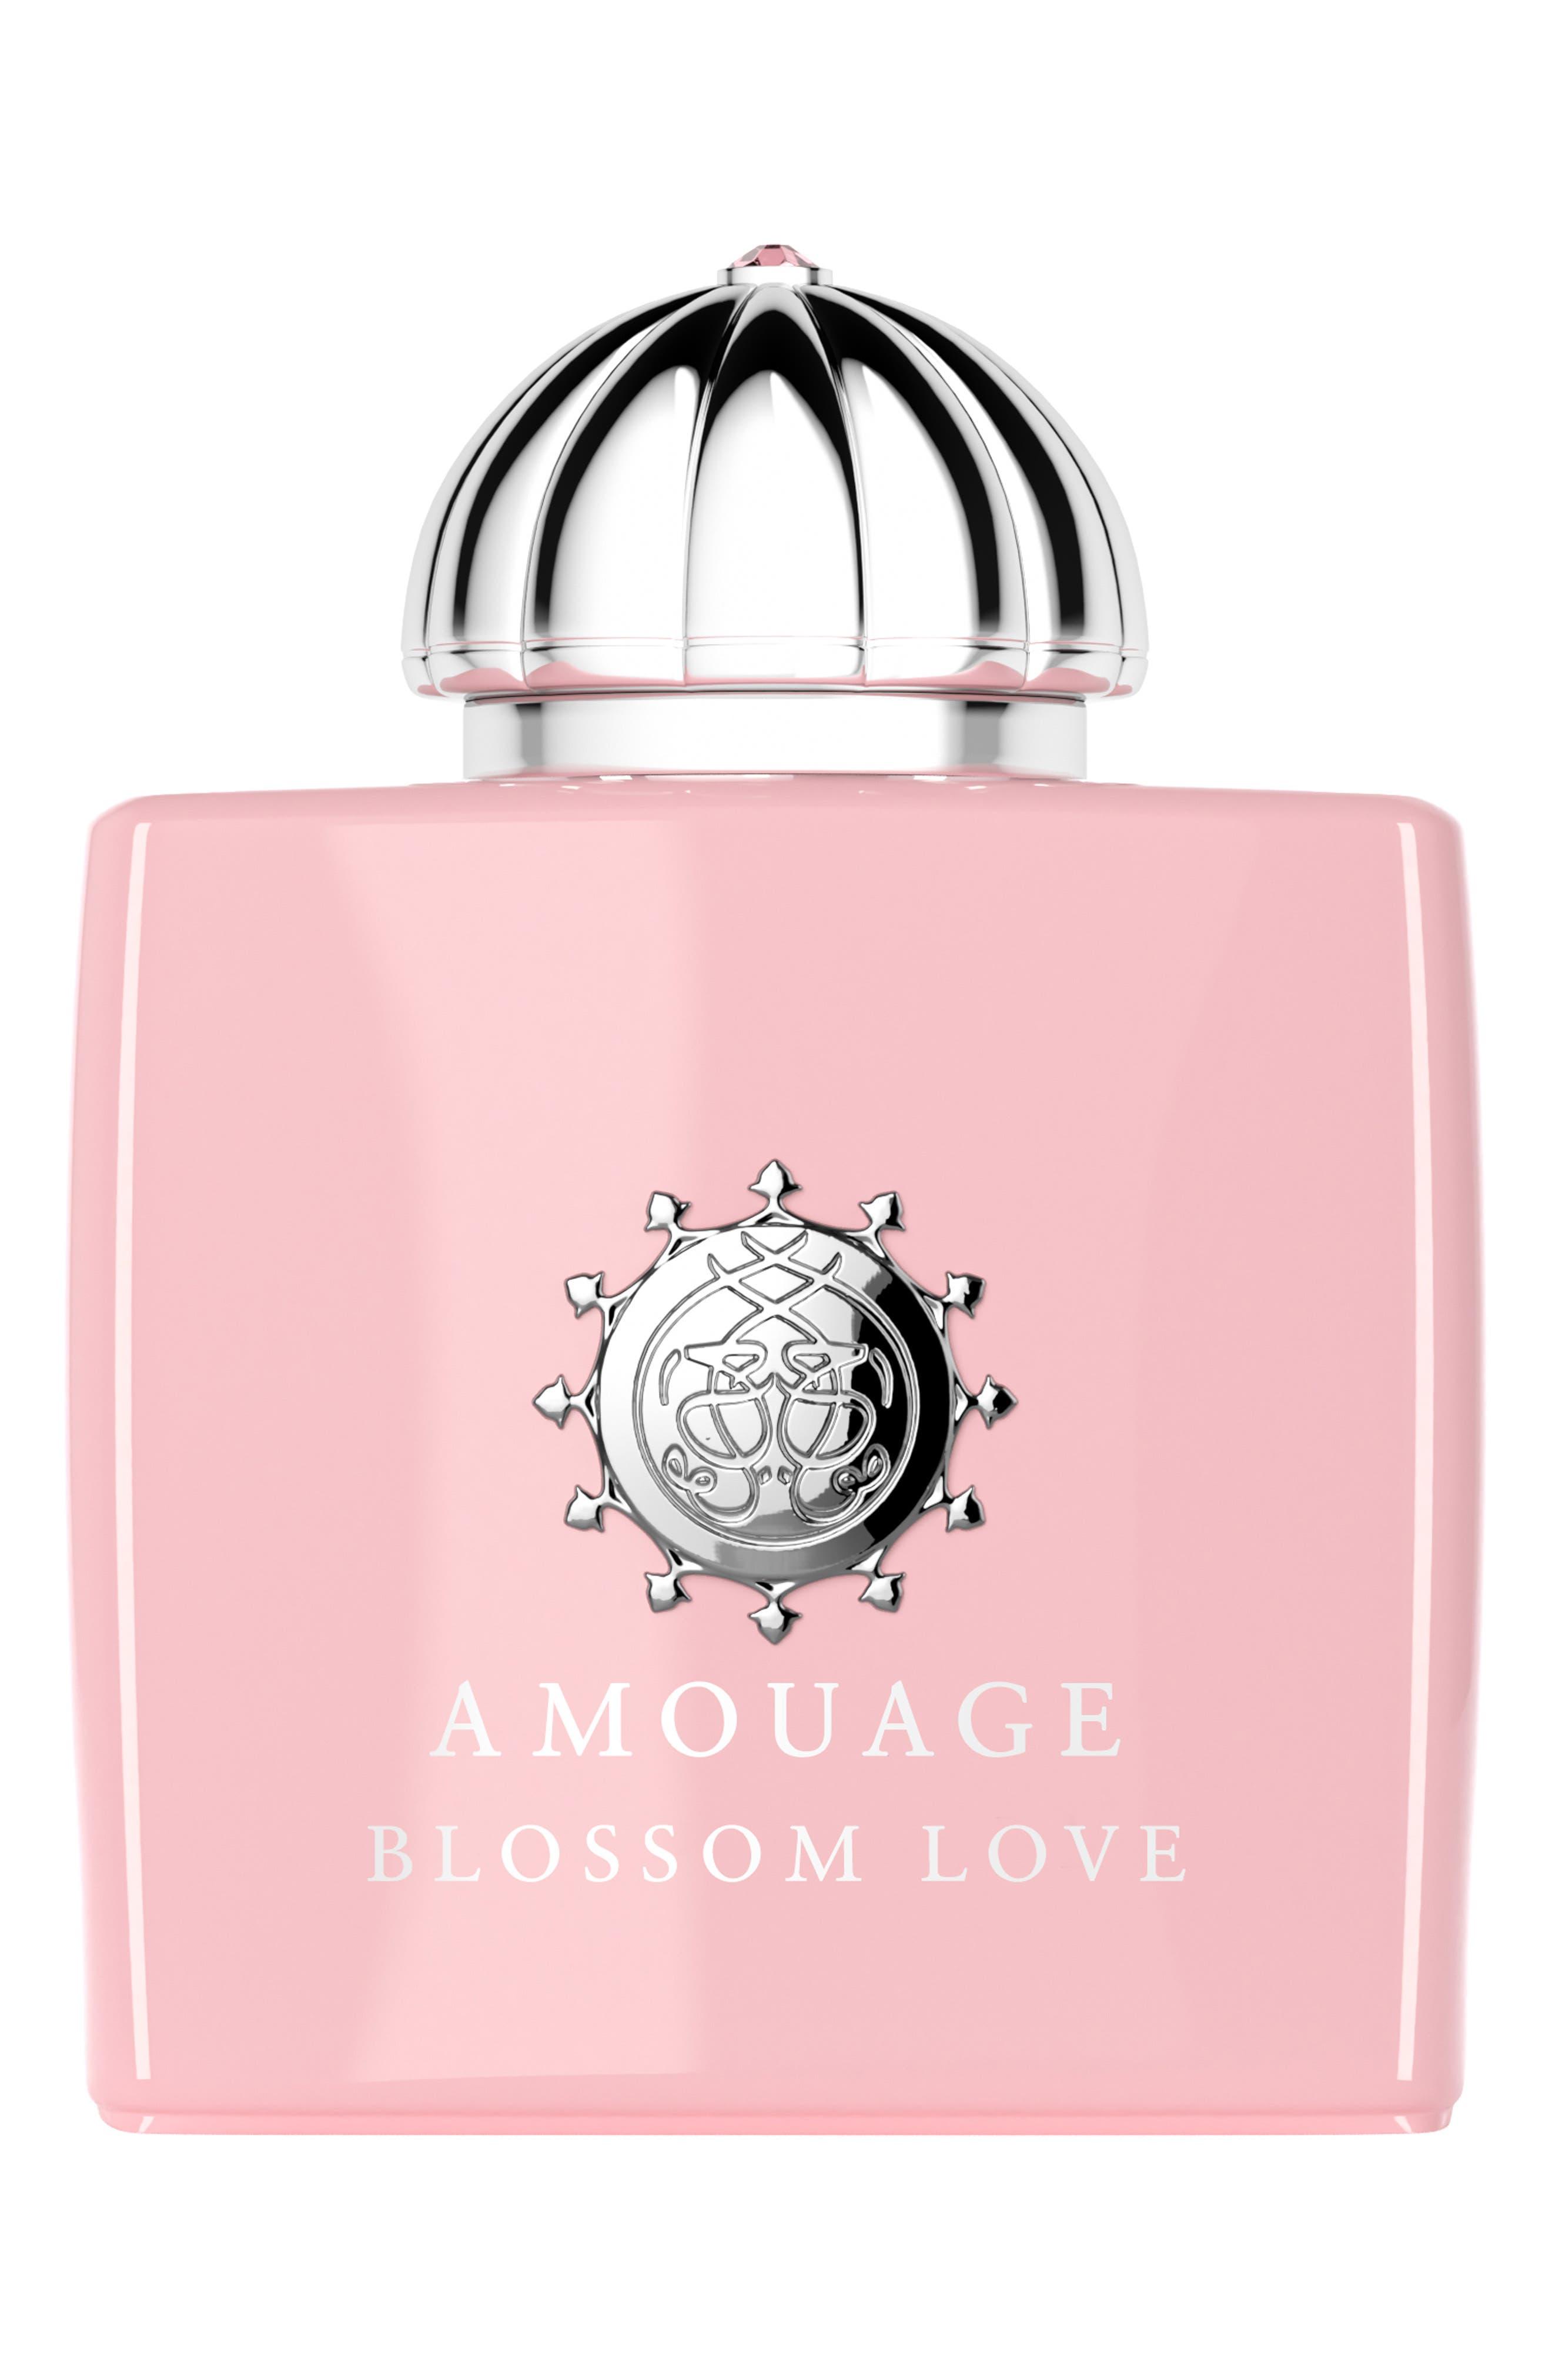 Amouge Blossom Love Eau De Parfum